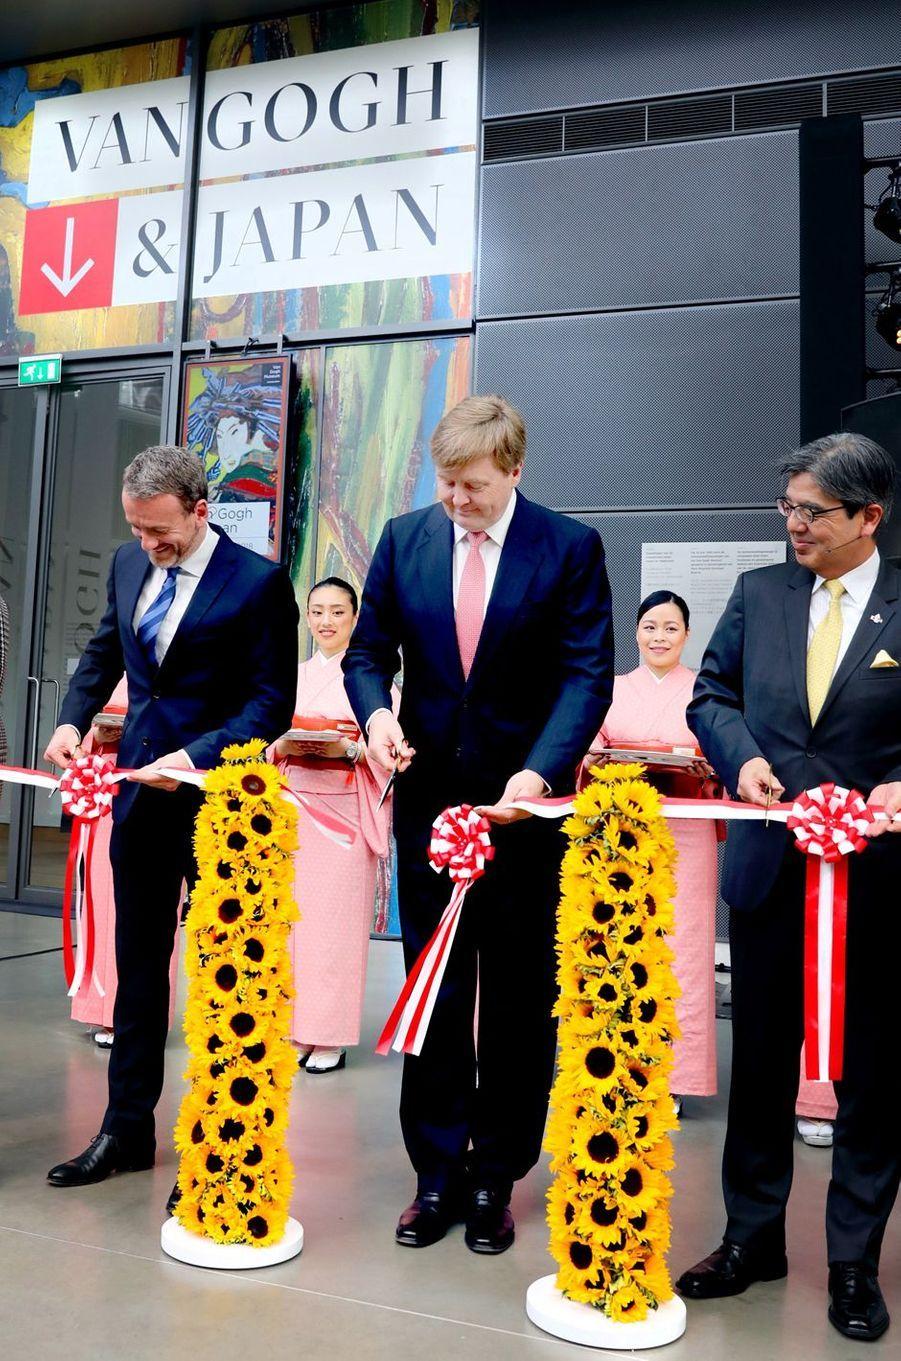 """Le roi Willem-Alexander des Pays-Bas inaugure l'exposition """"Van Gogh & Japan"""" à Amsterdam, le 22 mars 2018"""